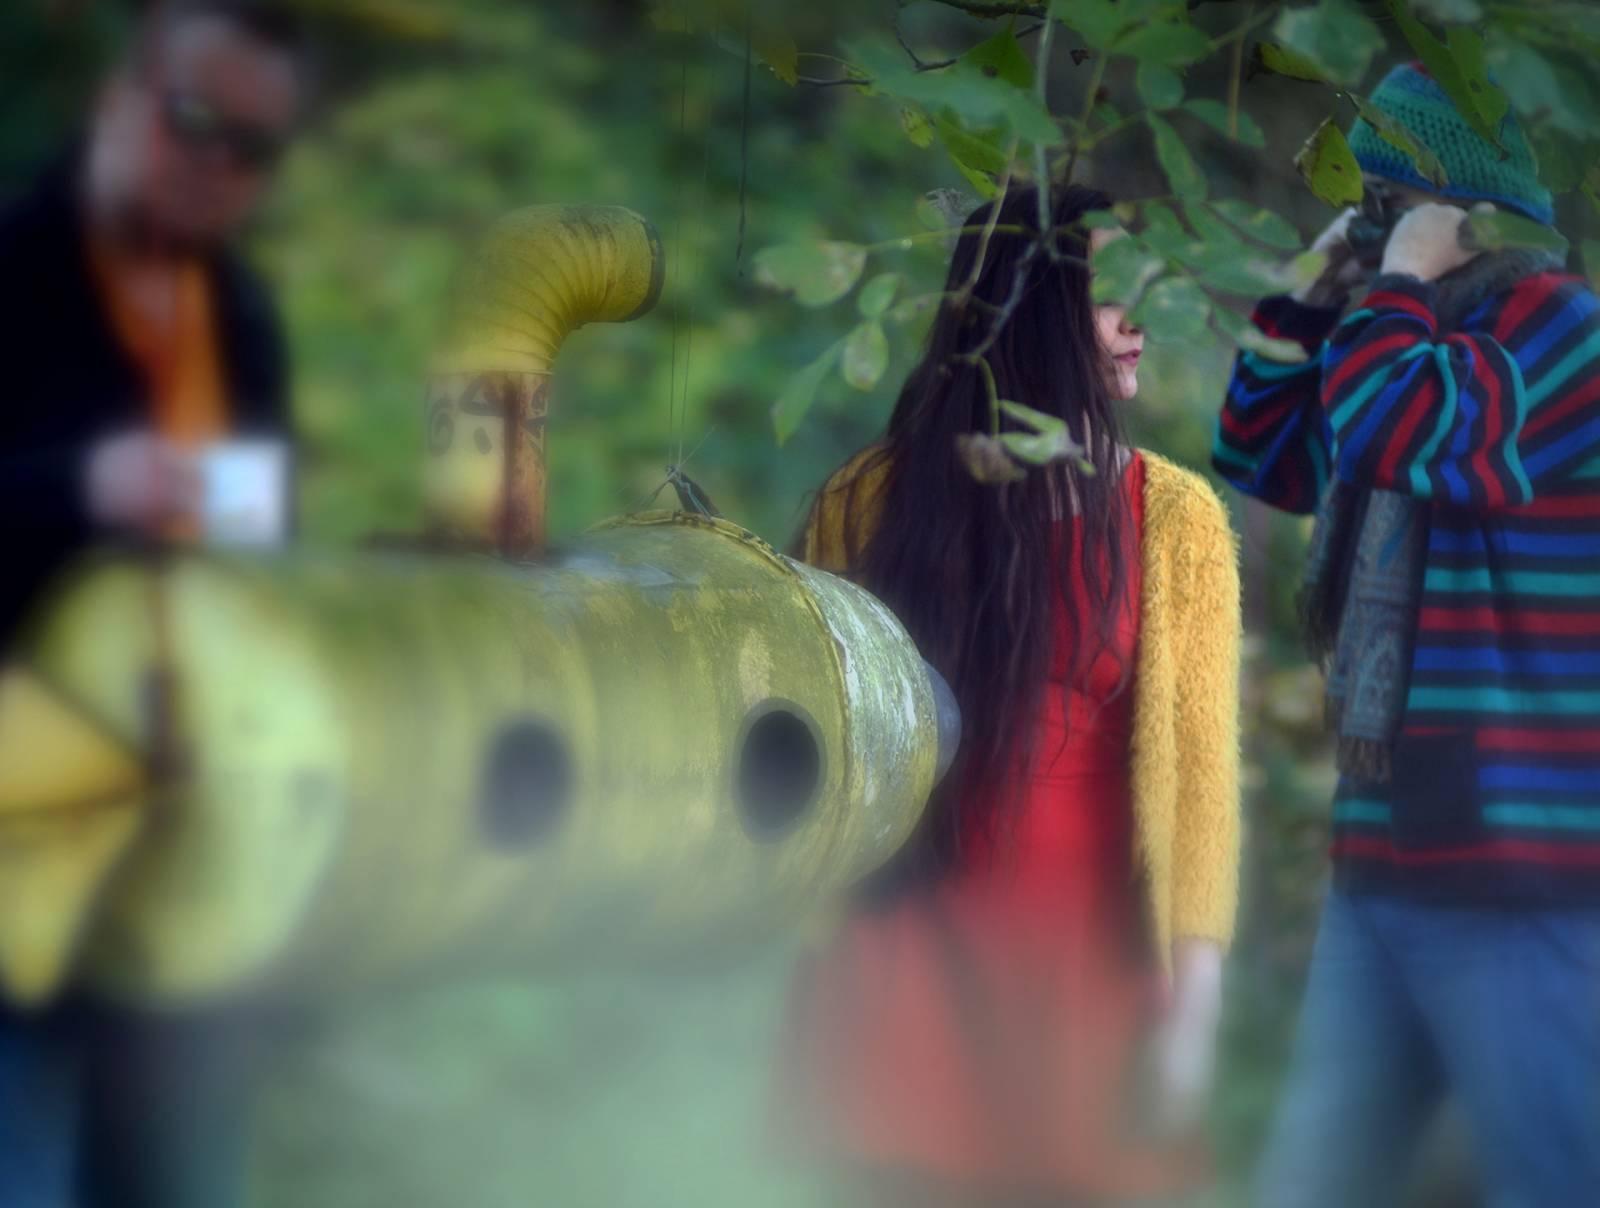 RECENZE: Krajina Ró natočila vrstevnatý a lehce vyšinutý debut. Hotel blázen není pro každého, v jeho pokojích ale možná jednou skončíme všichni